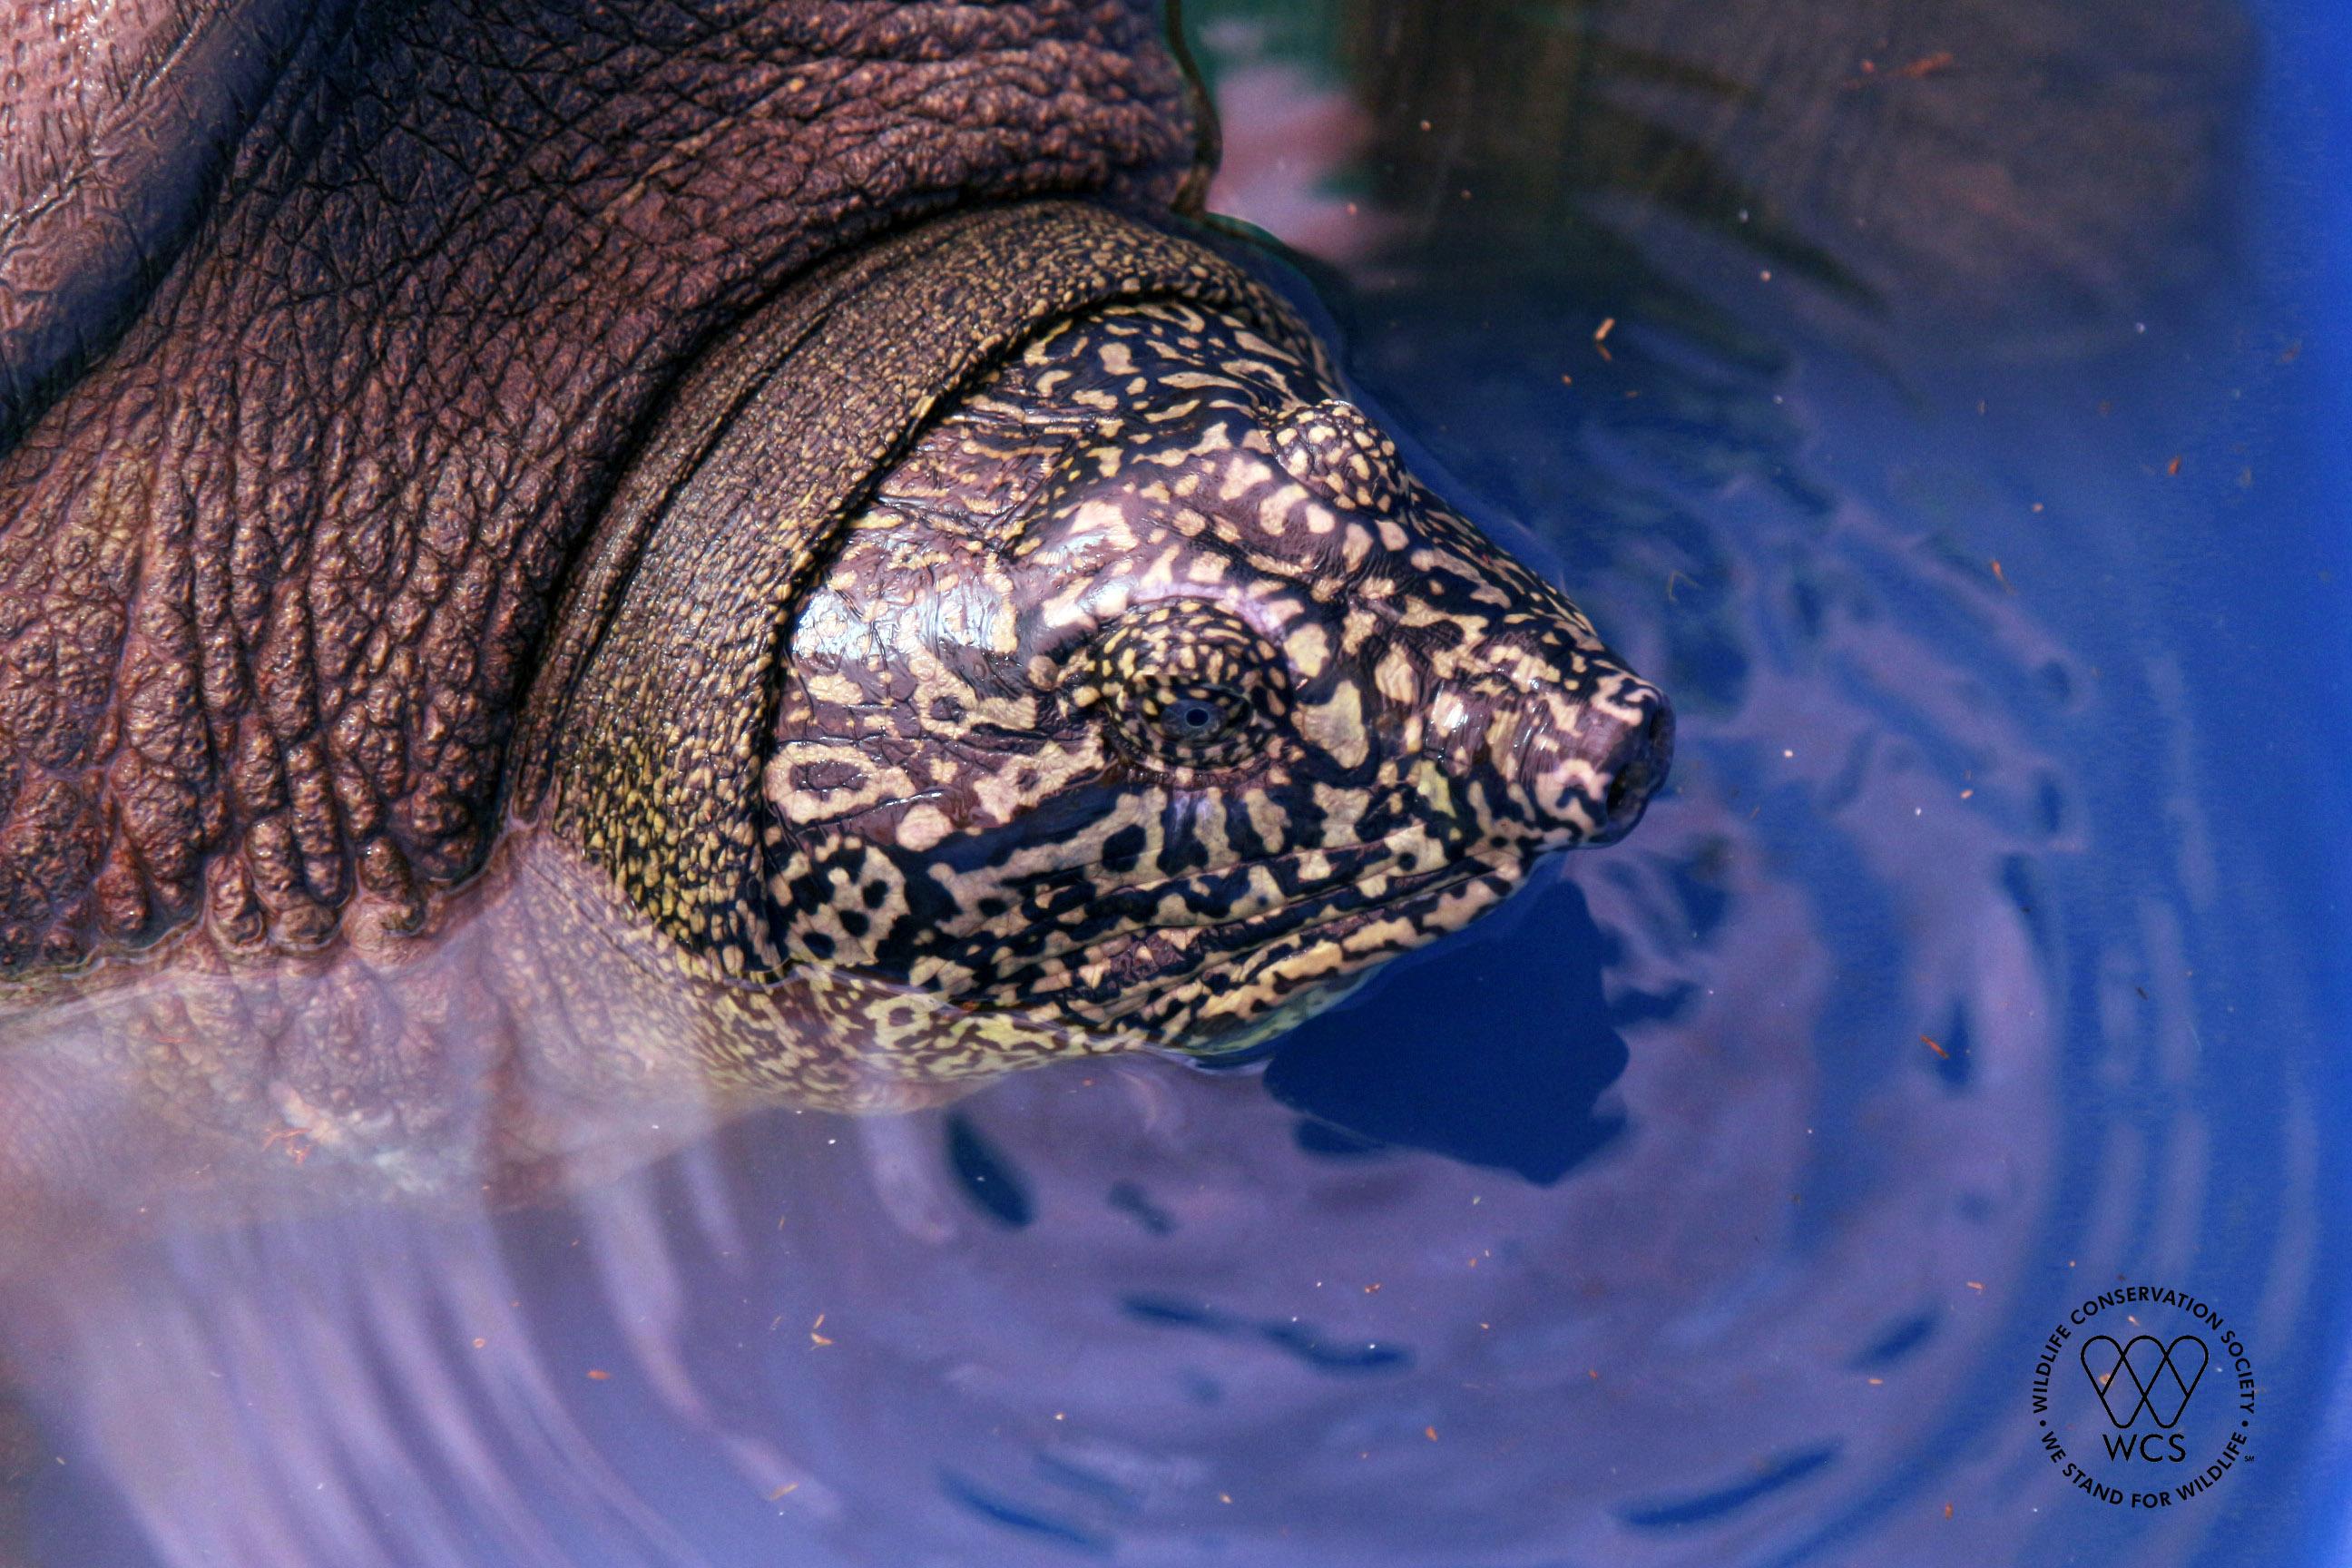 Ce gros plan de la tortue Rafetus swinhoei montre sa tête et sa peau à motifs.